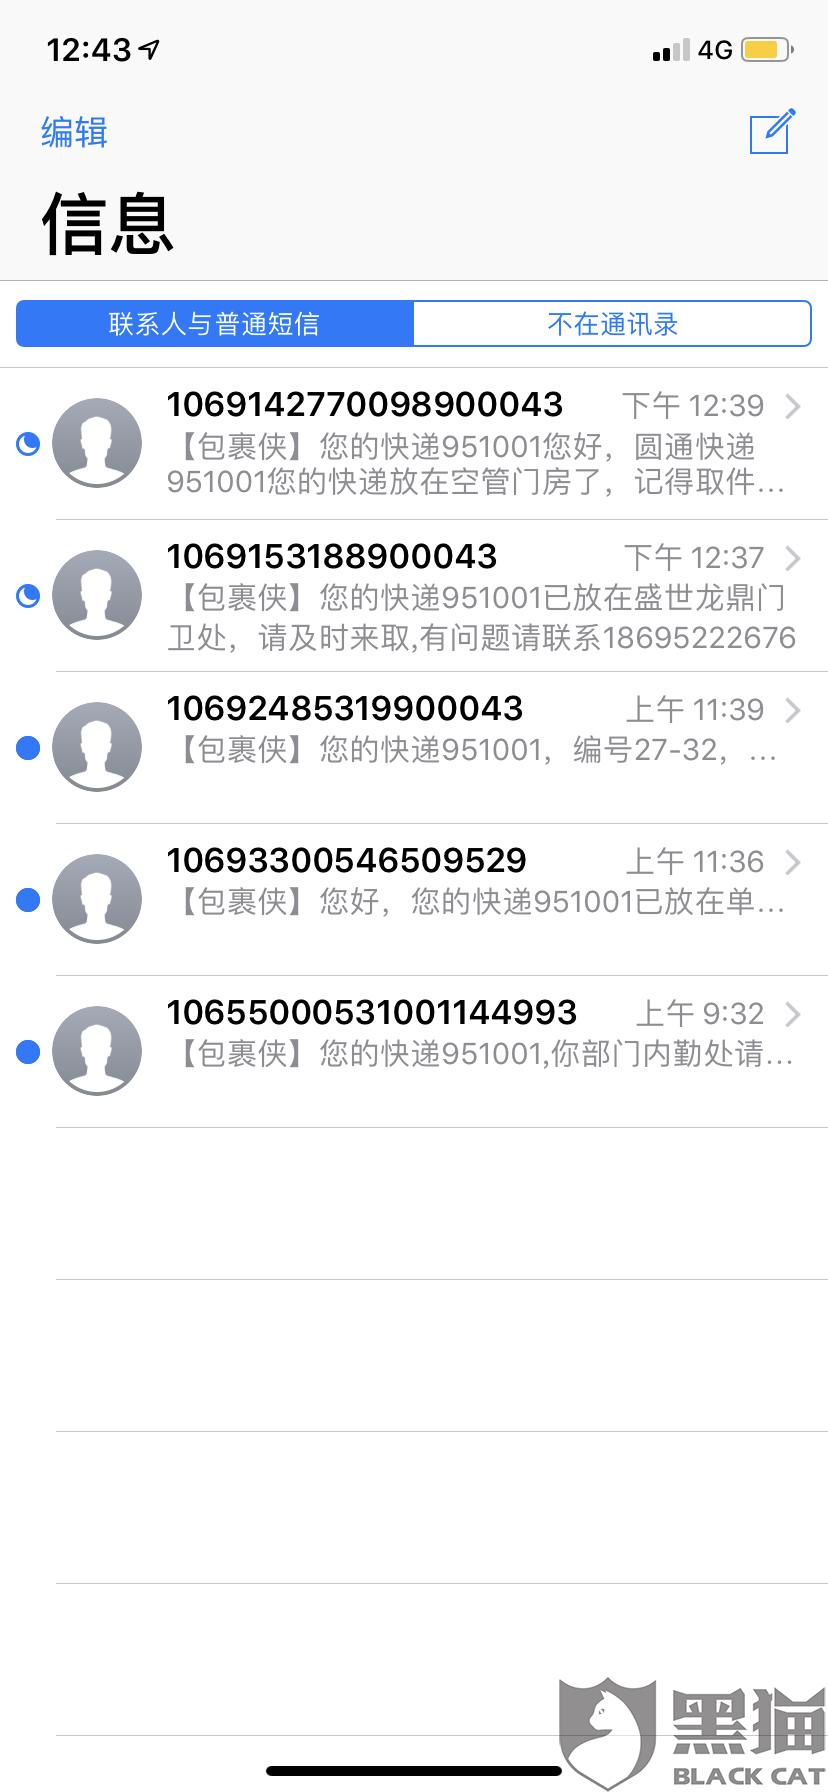 黑猫投诉:每天收到不同号码的垃圾短信